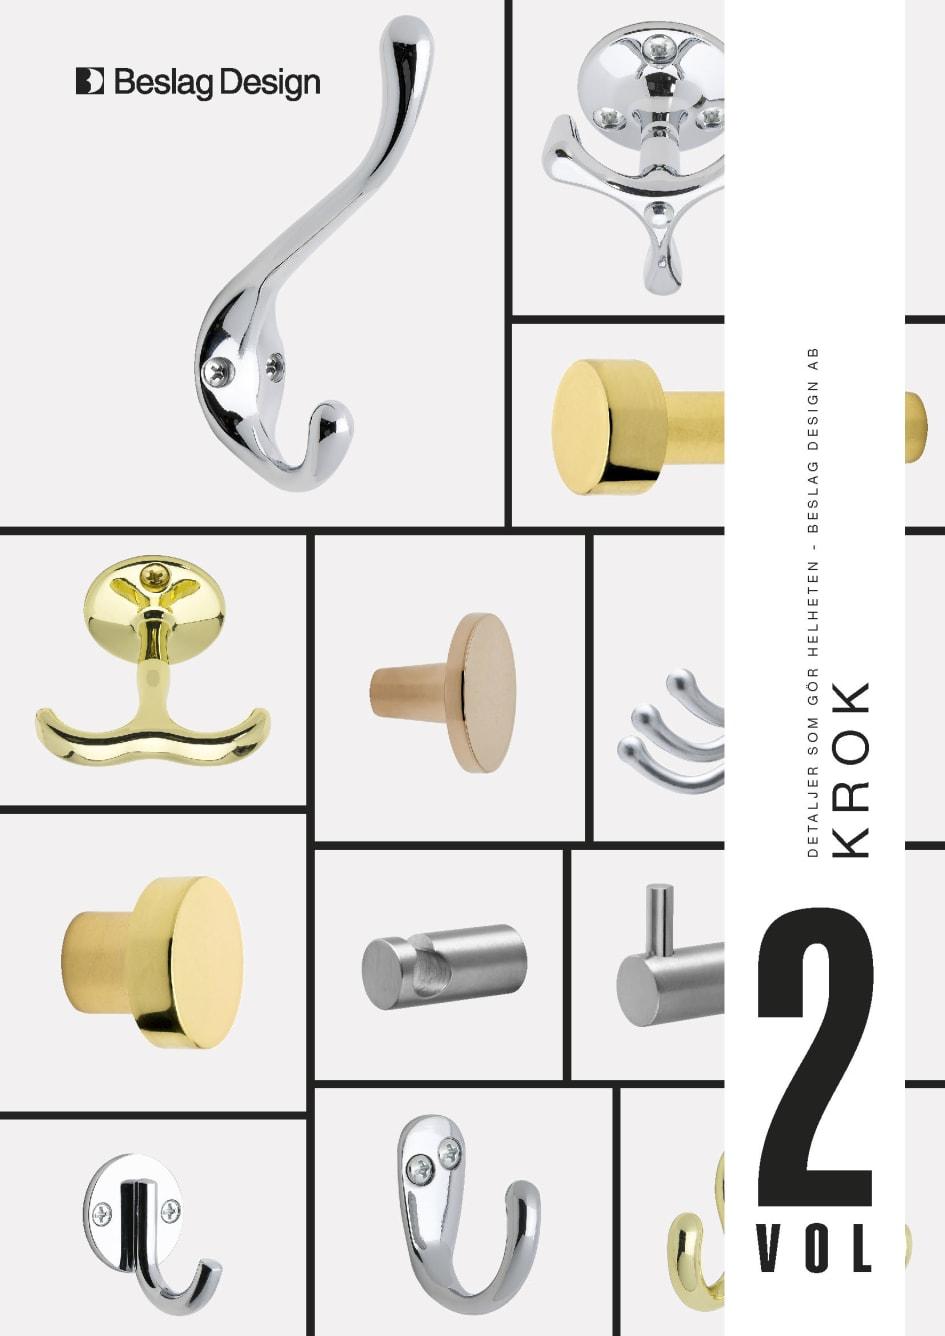 9e92bd01cc6c Beslag Design lanserar ett nytt sortiment med krokar i utförandena polerad  mässing